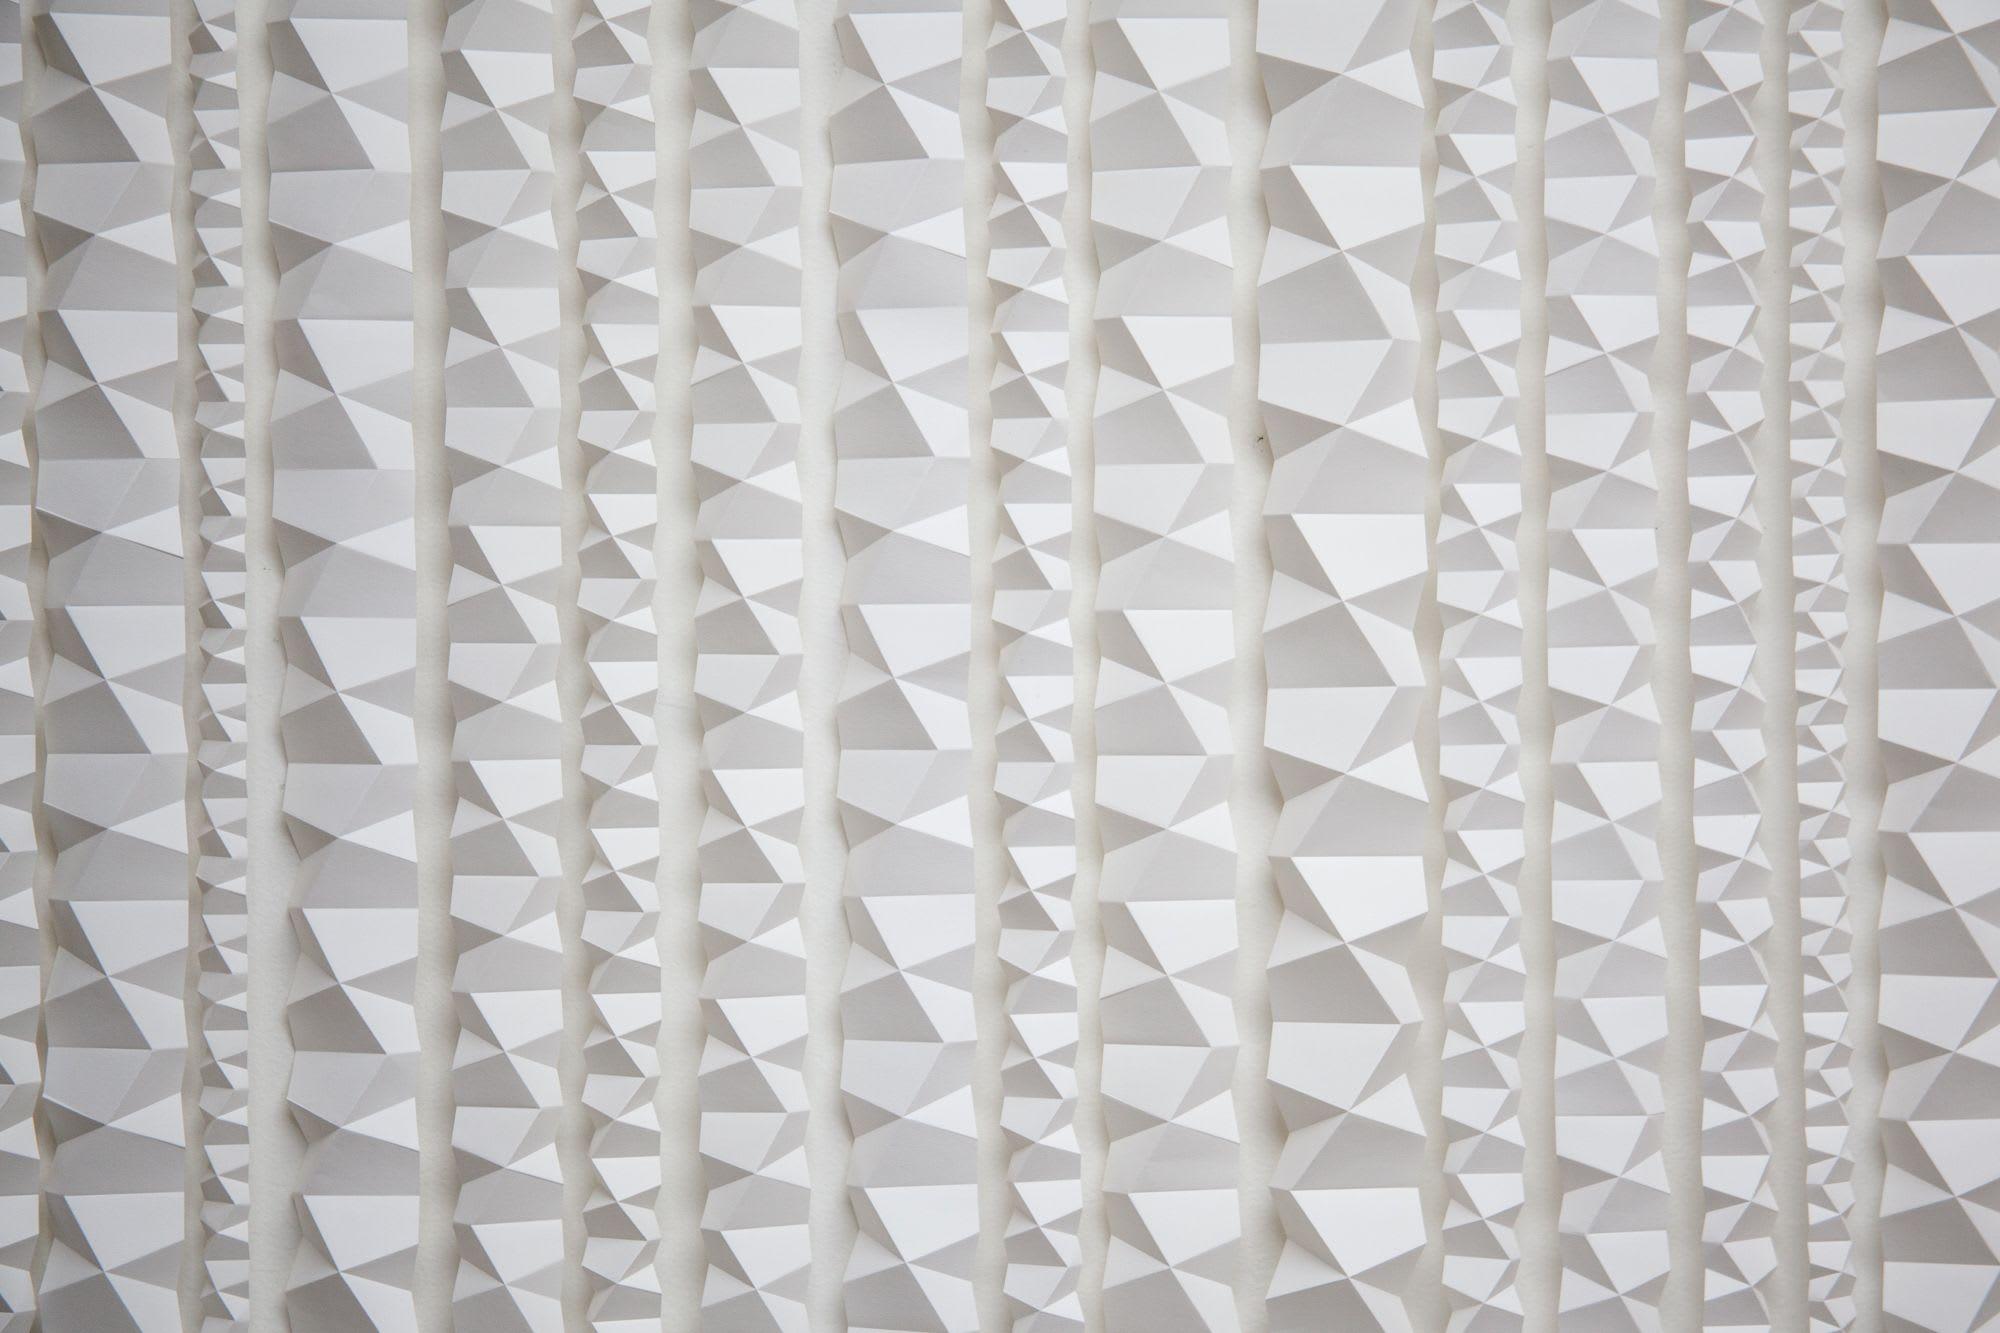 Wall Hangings by Zai Divecha seen at Square Inc, San Francisco - Rain